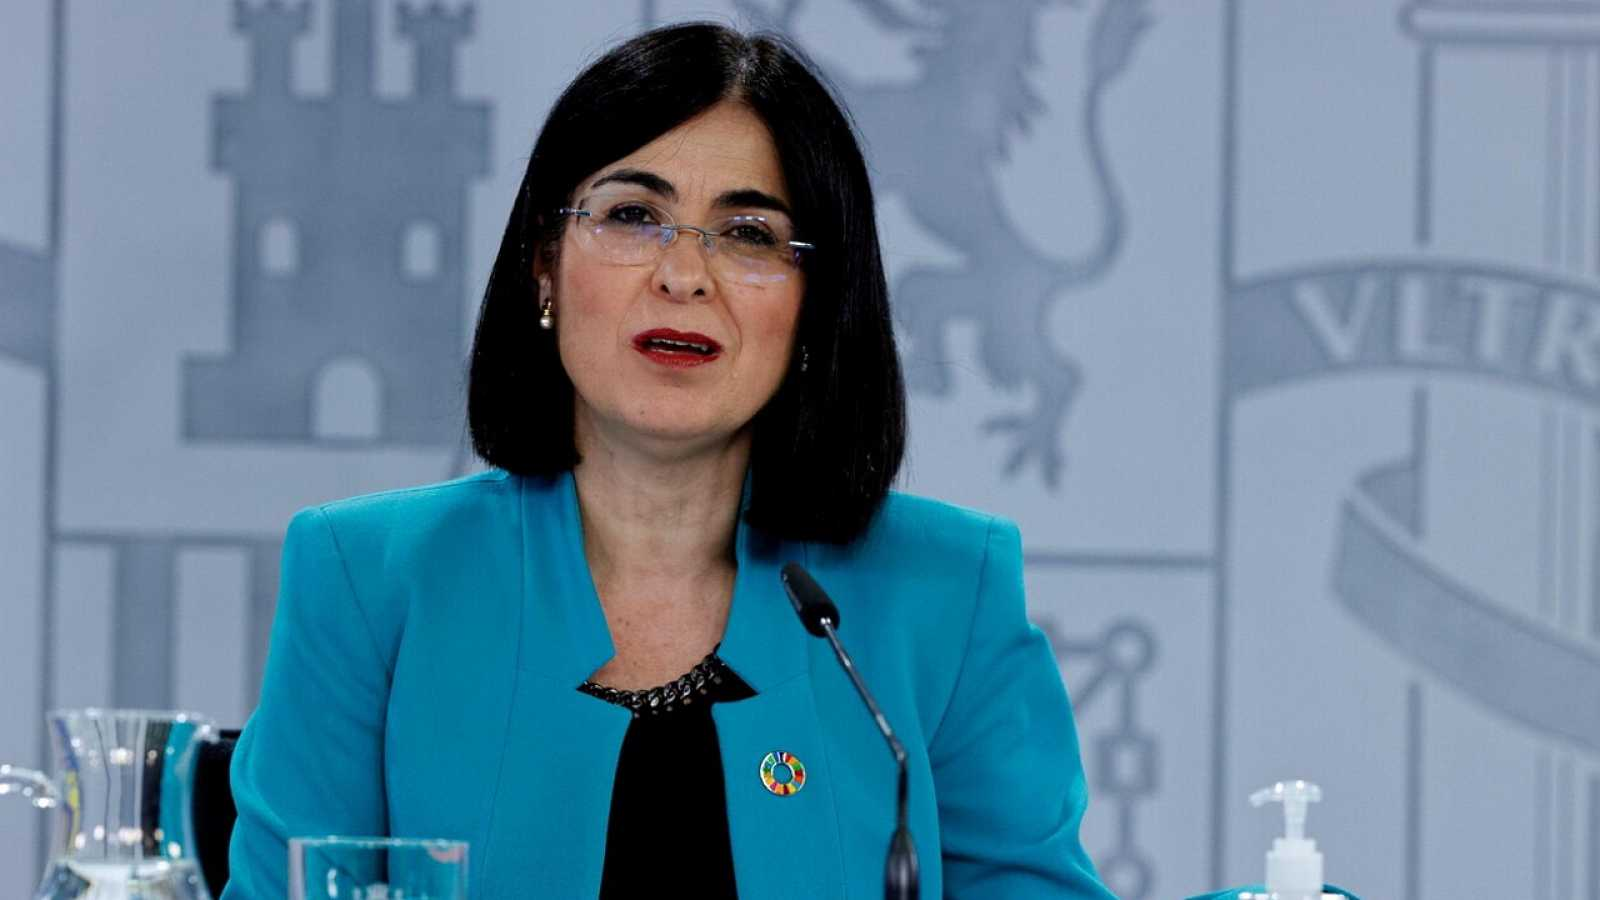 Especial informativo - Comparecencia de la ministra de Sanidad - 28/04/21 - ver ahora